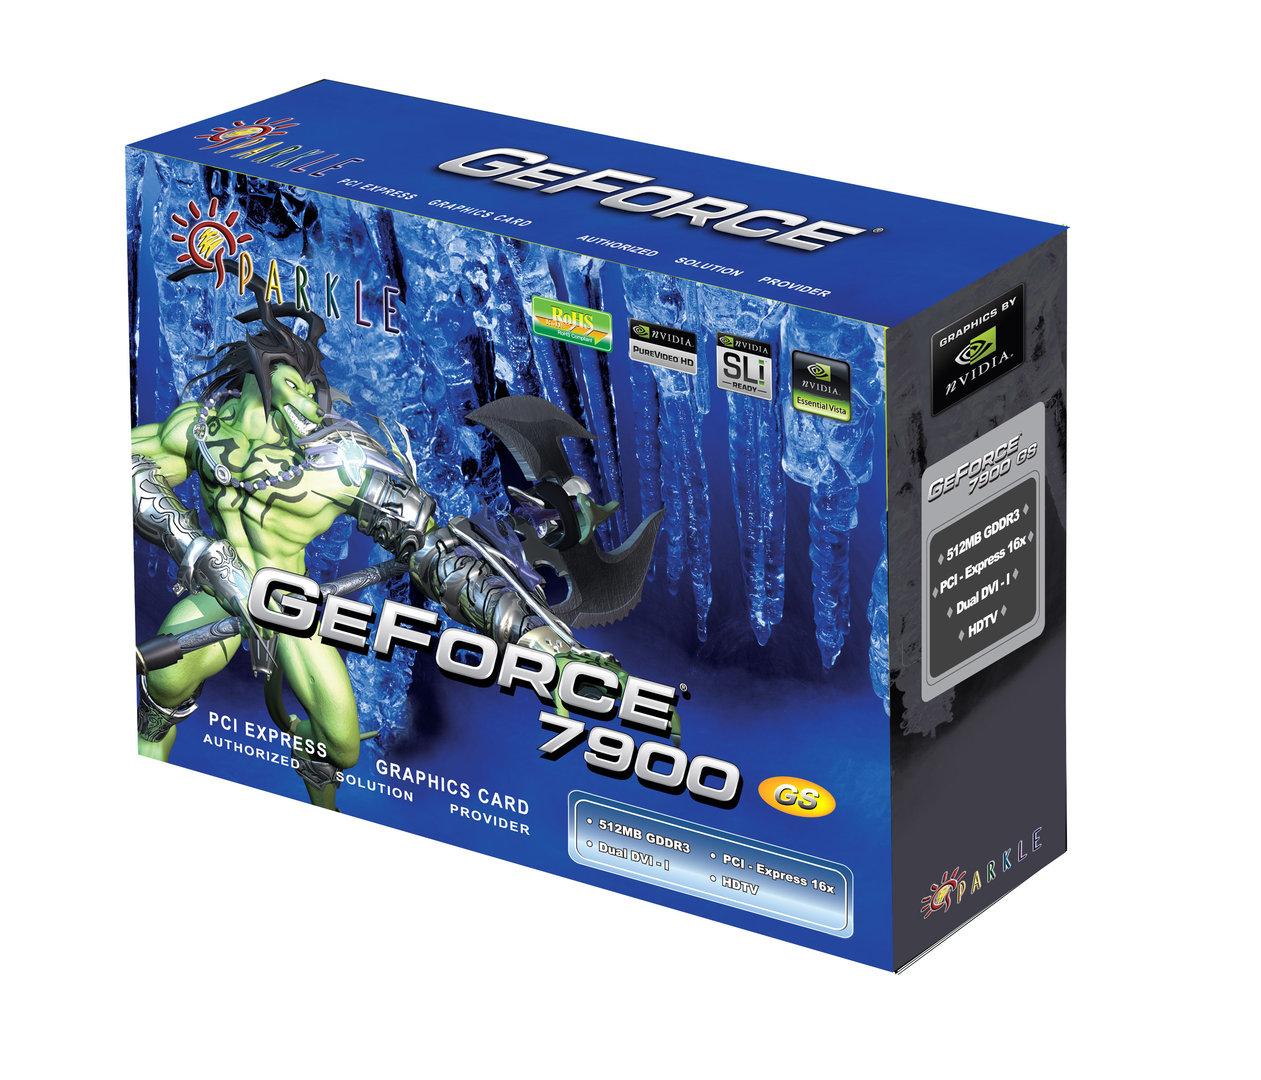 Sparkle GeForce 7900GS